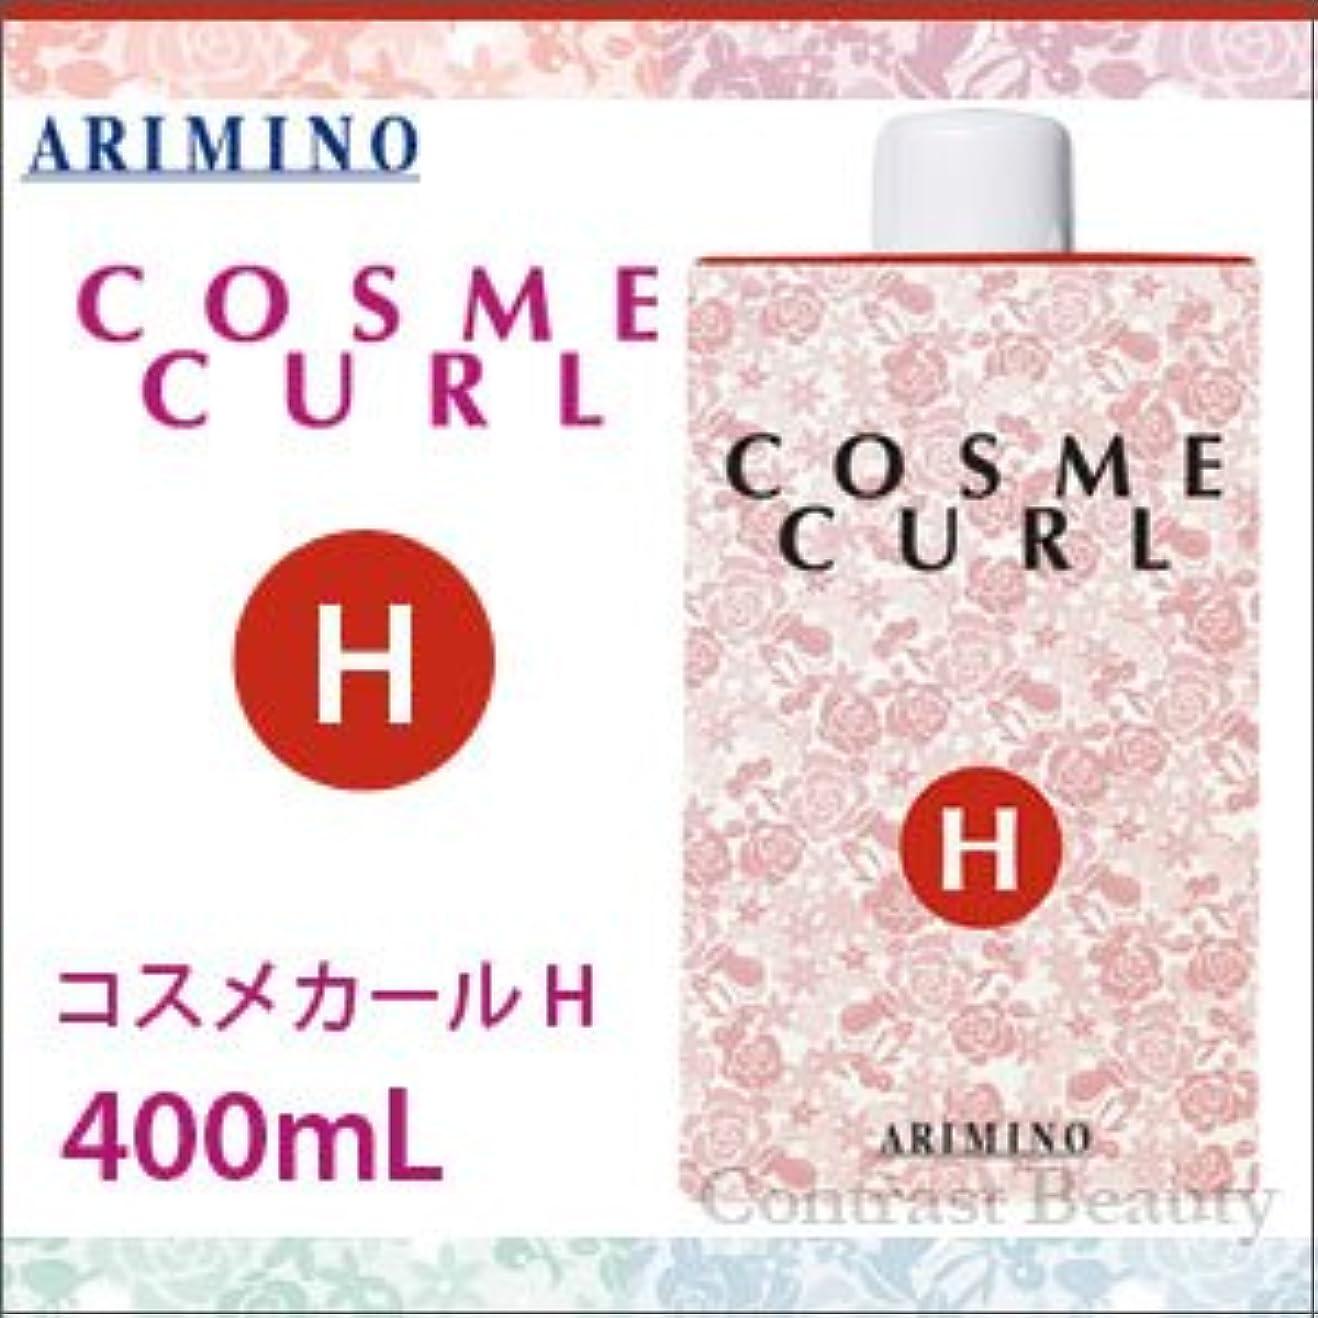 見物人に沿って消費するアリミノ コスメカール H 400ml